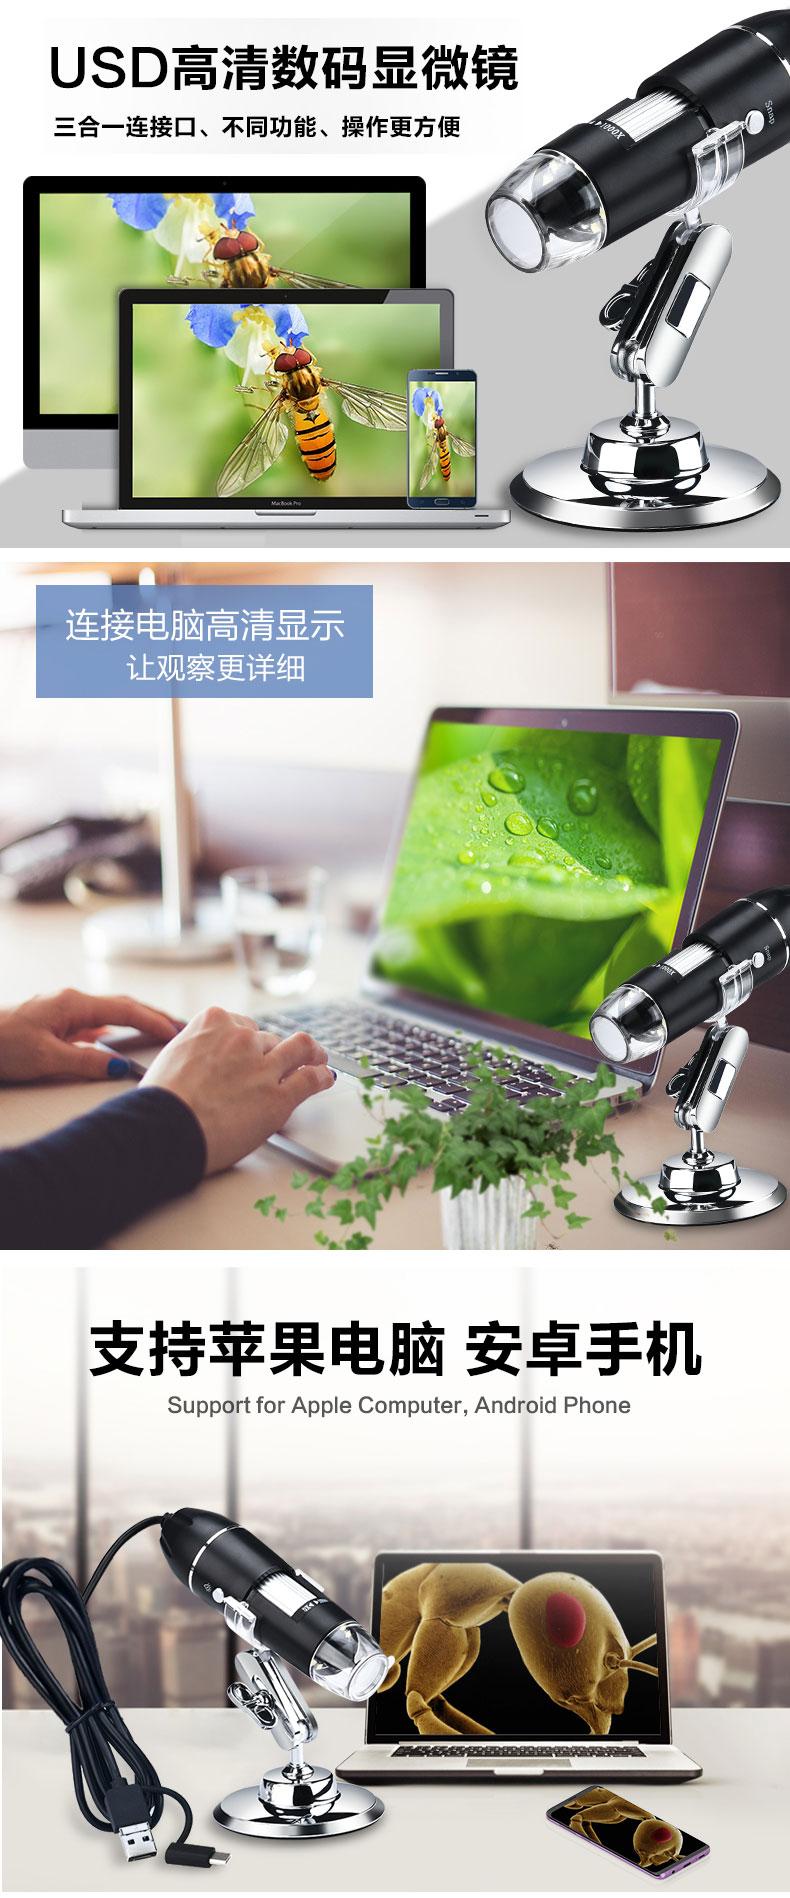 申宏 500X 电子显微镜 标准款 500倍 图4